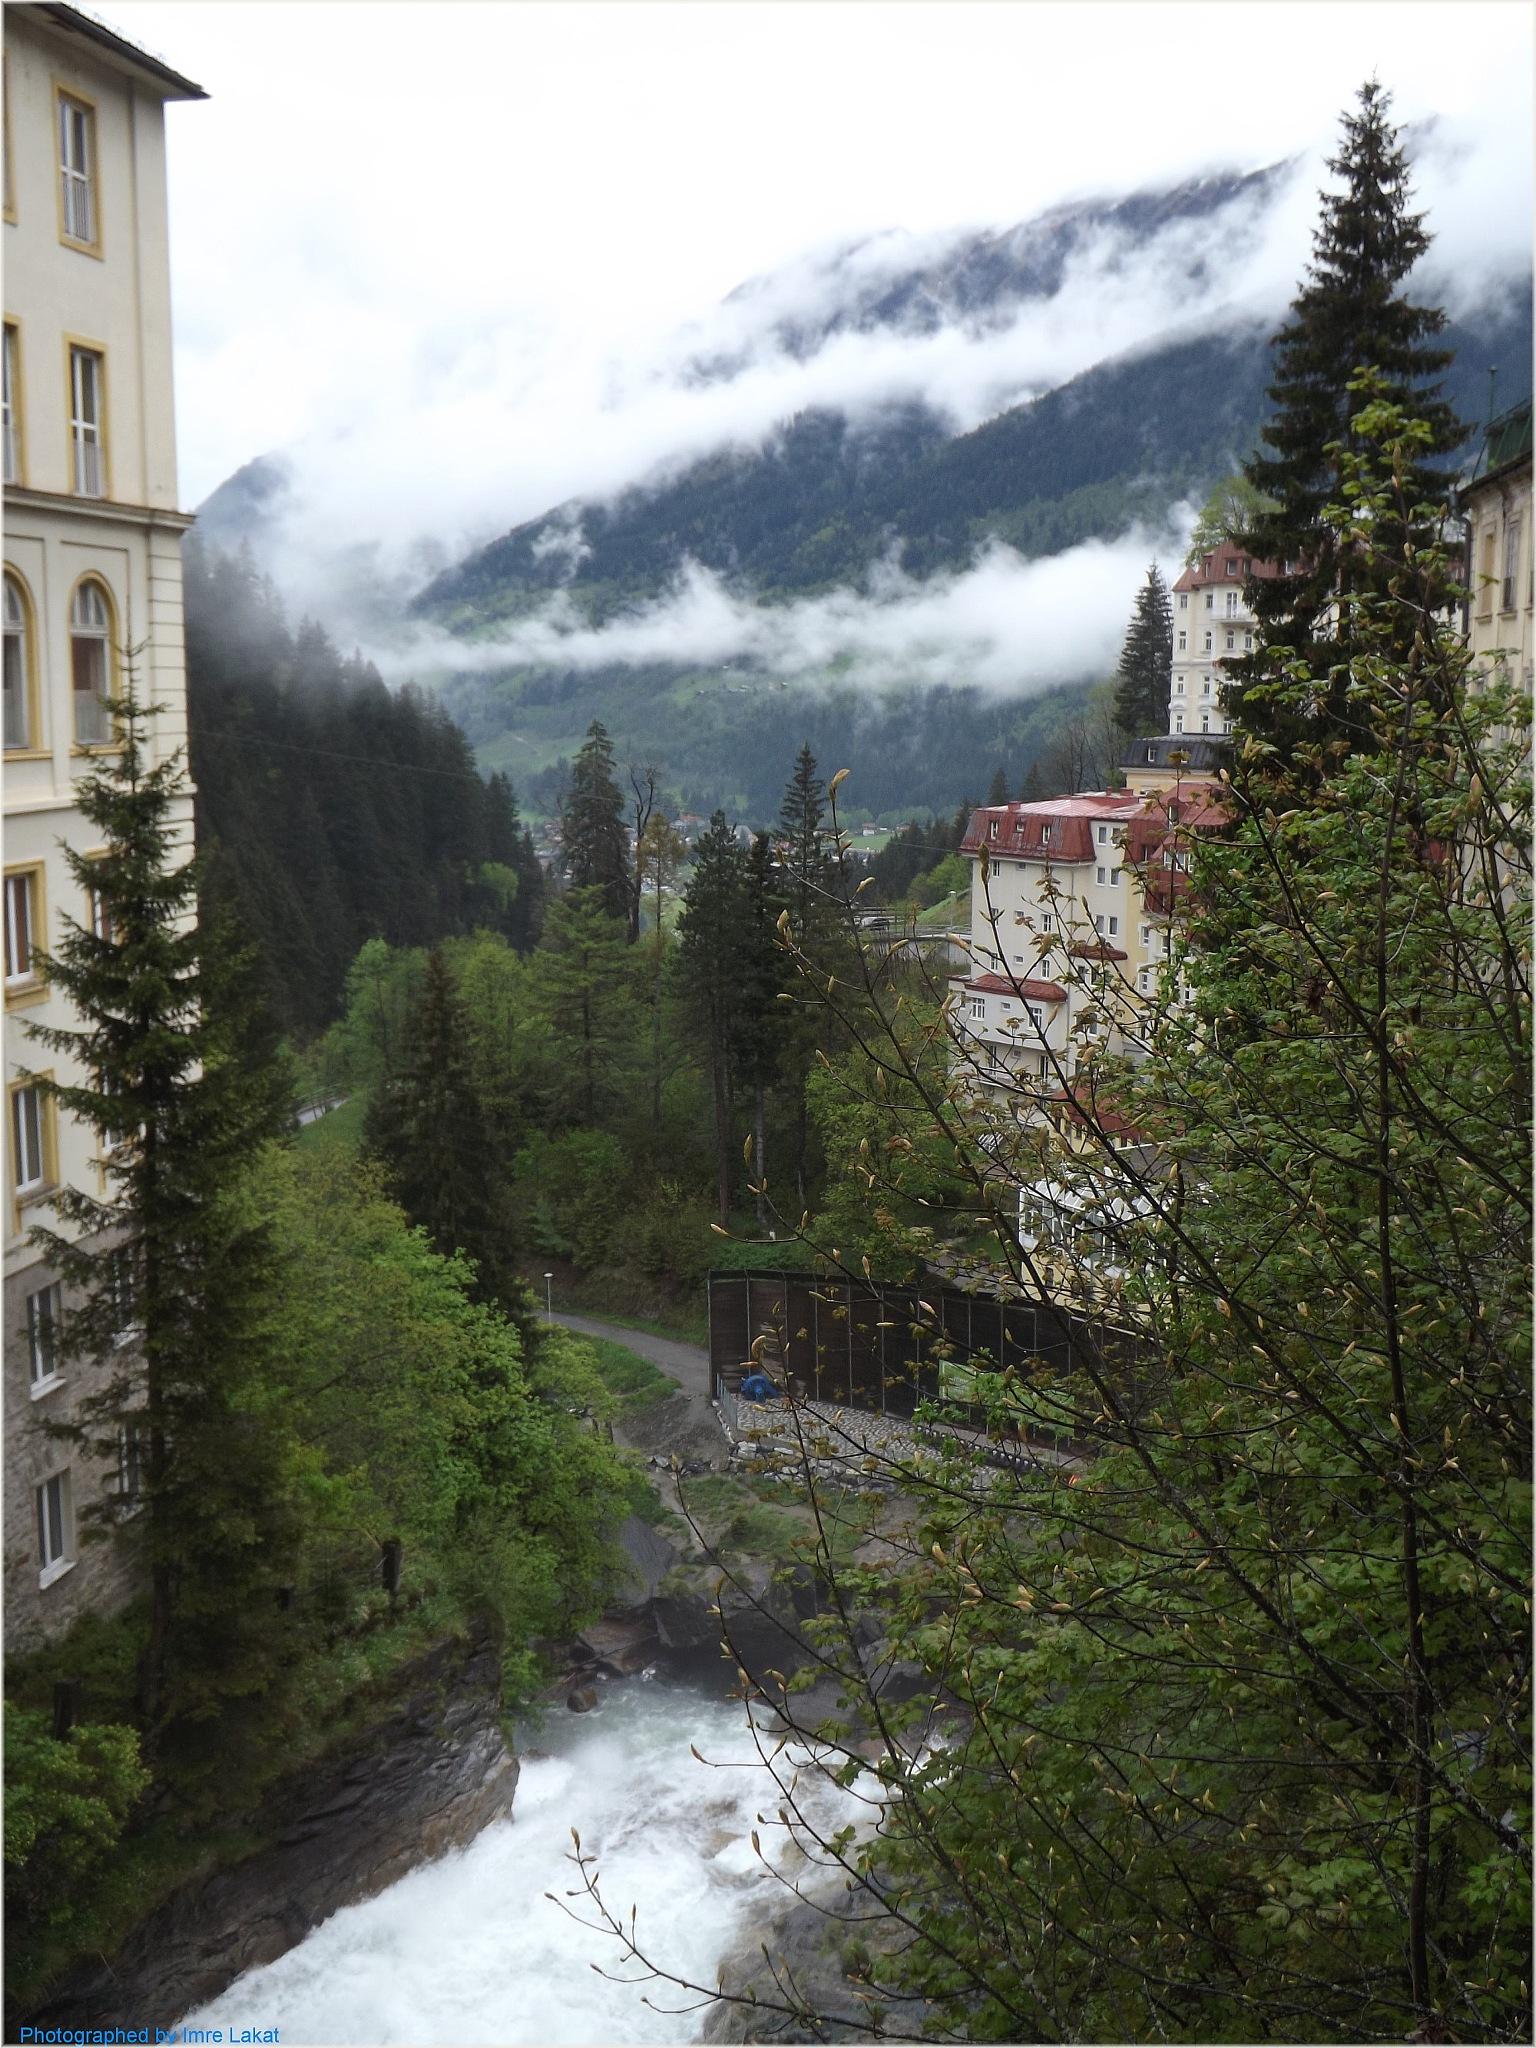 Wasserfall am Straubingerplatz . Bad Gastein  by Imre Lakat